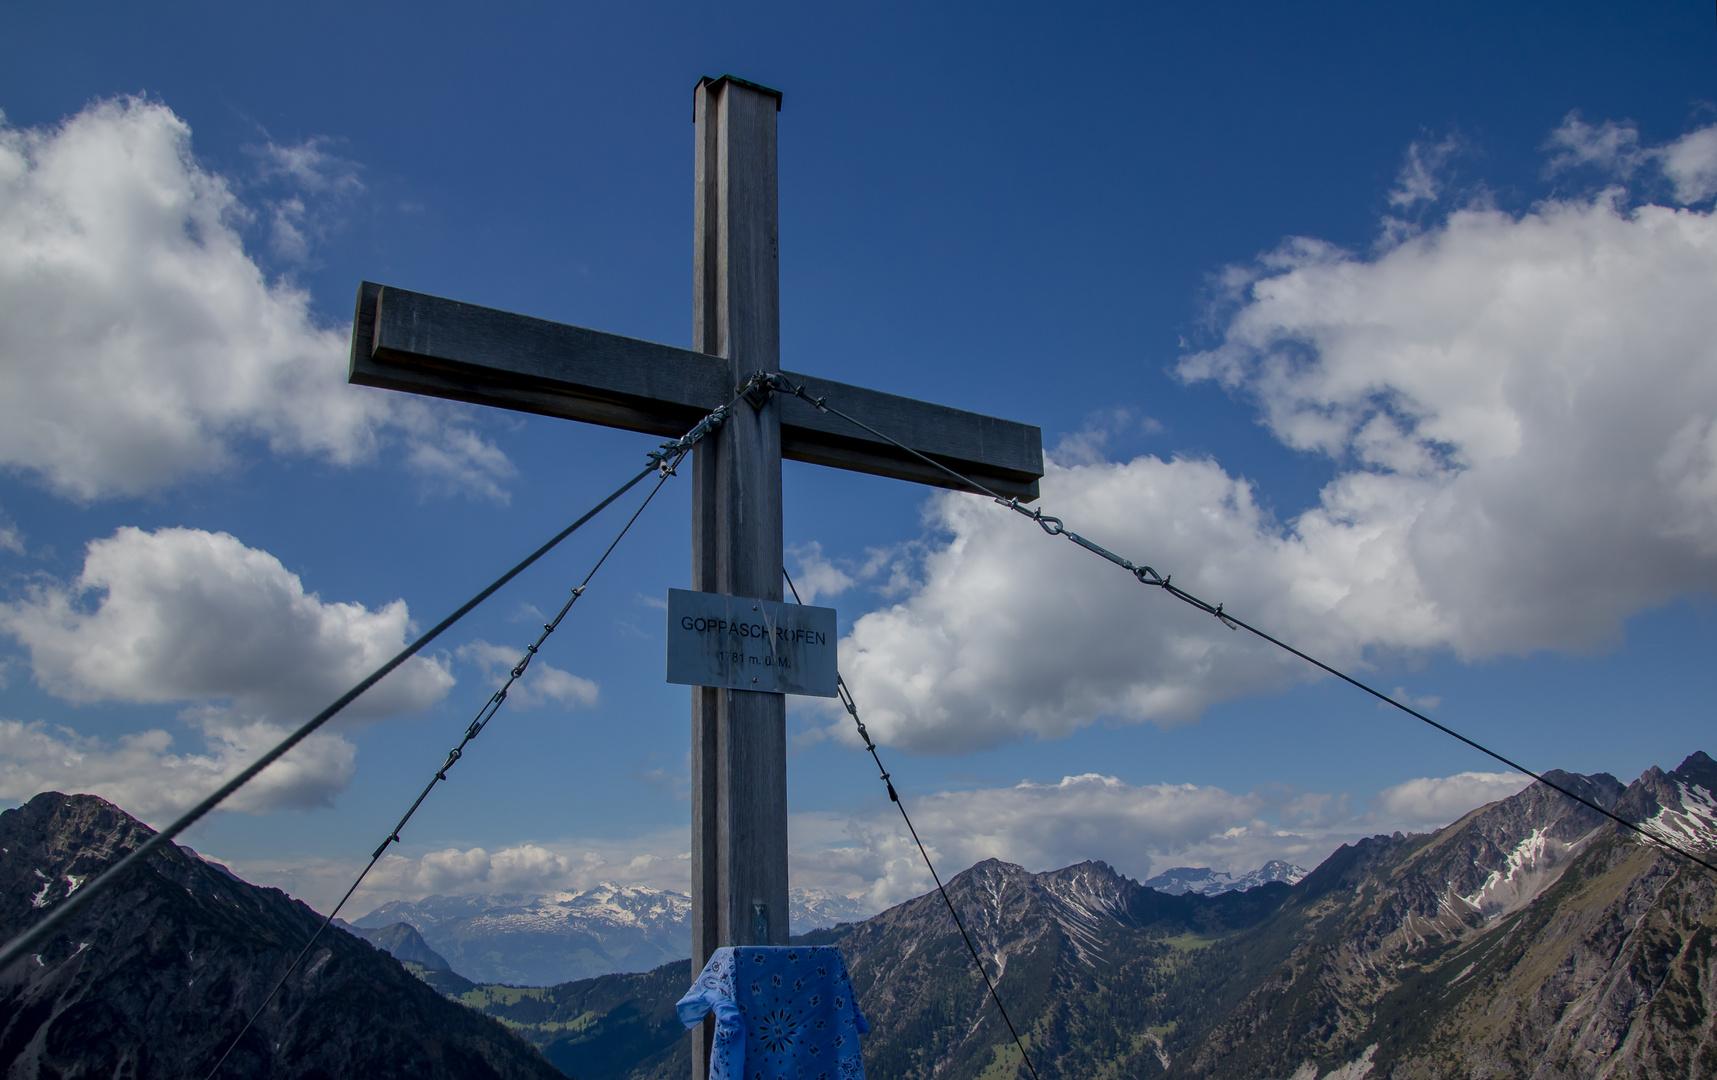 Alpenwäschetrockner